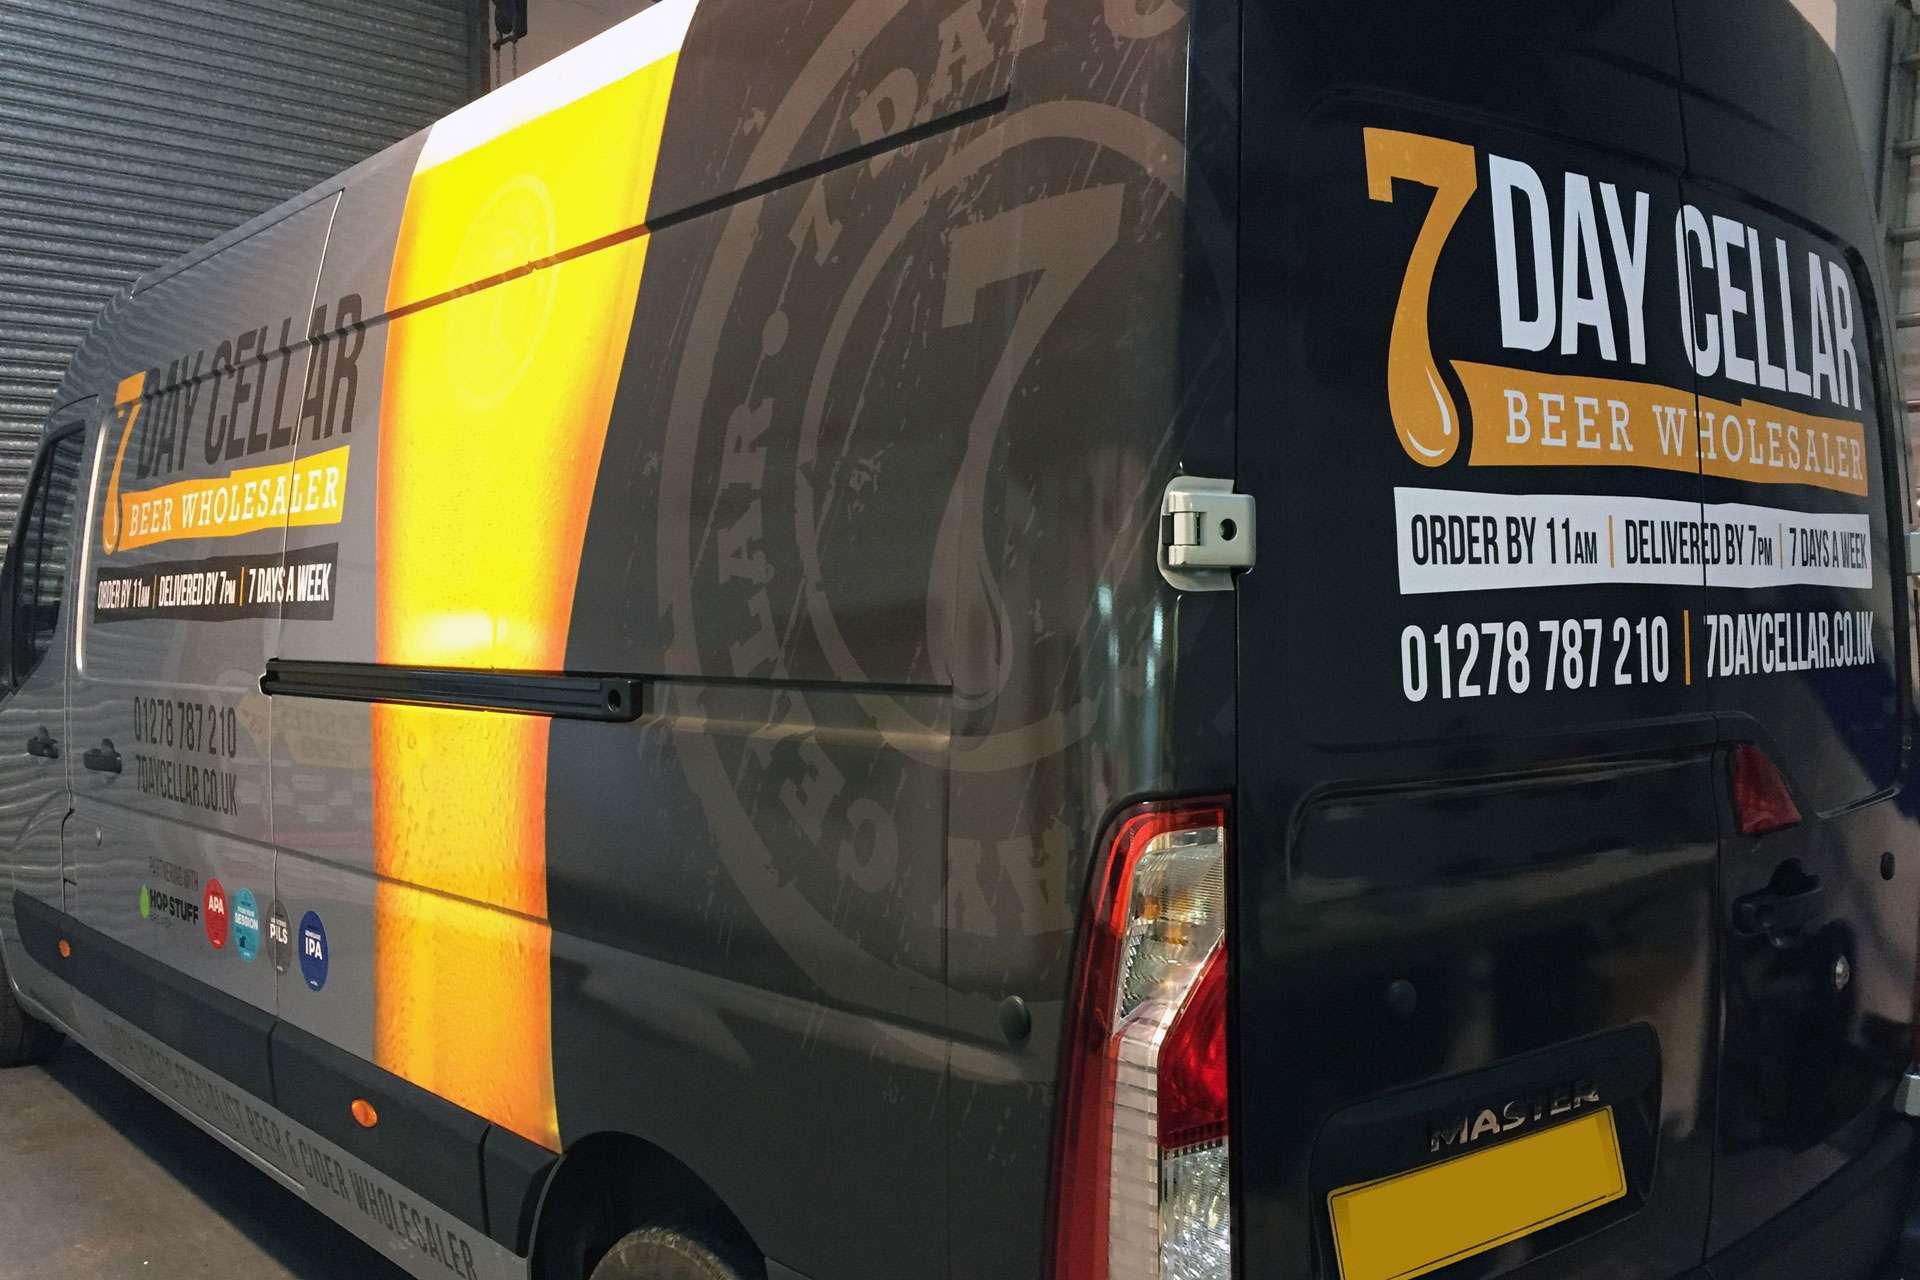 Branding 7 Day Cellar vehicle livery design, Highbridge, Somerset